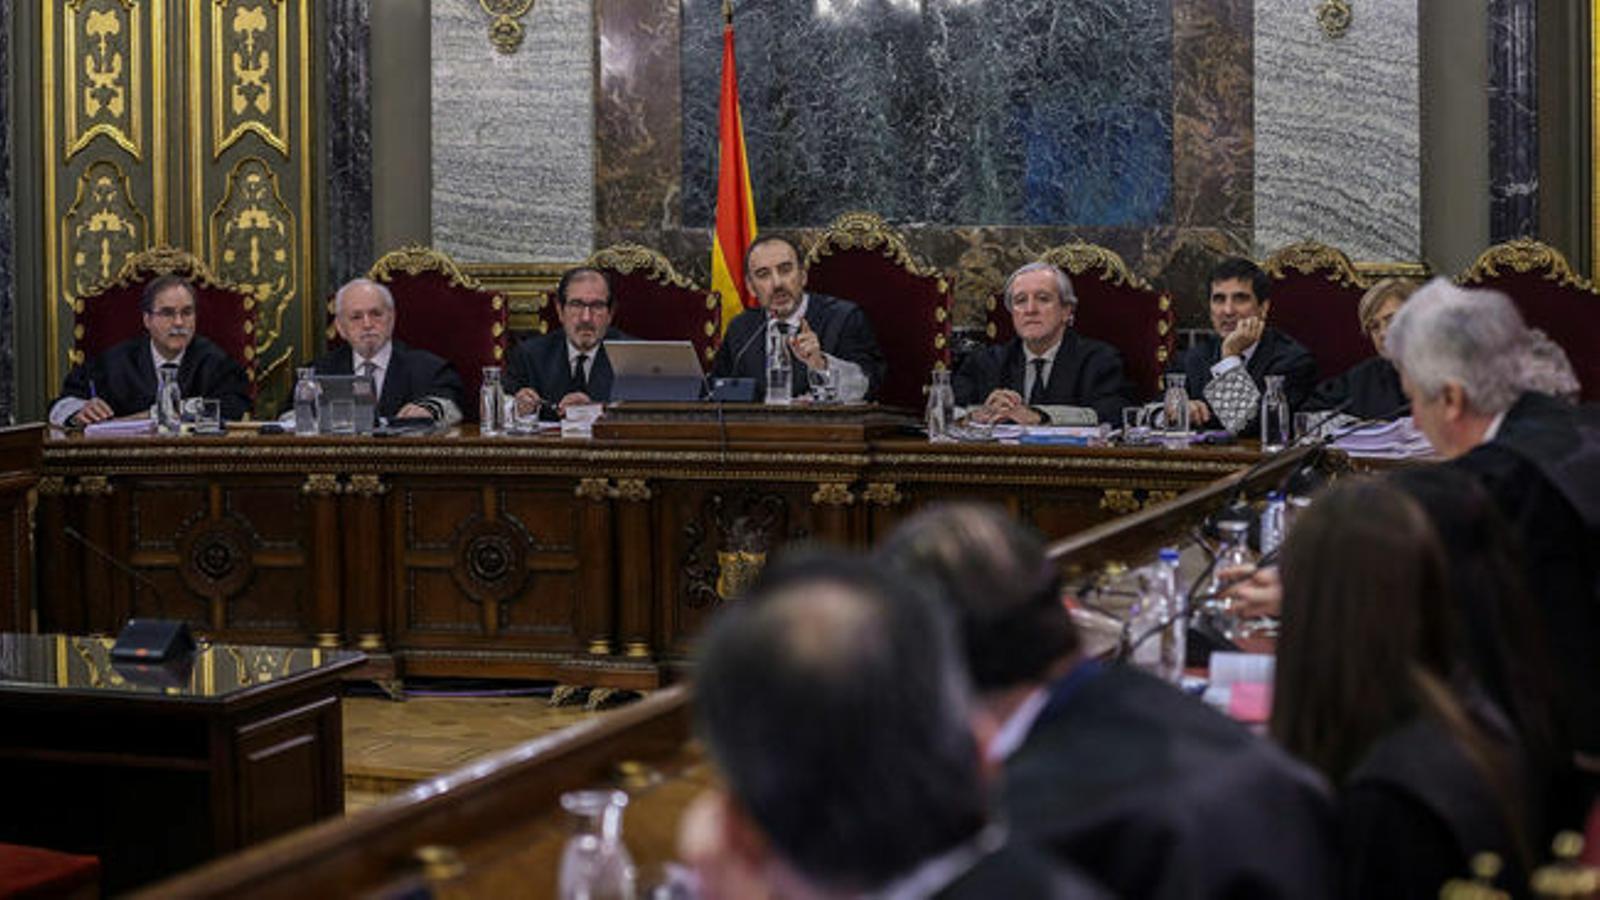 El tribunal sentenciarà sedició per unanimitat